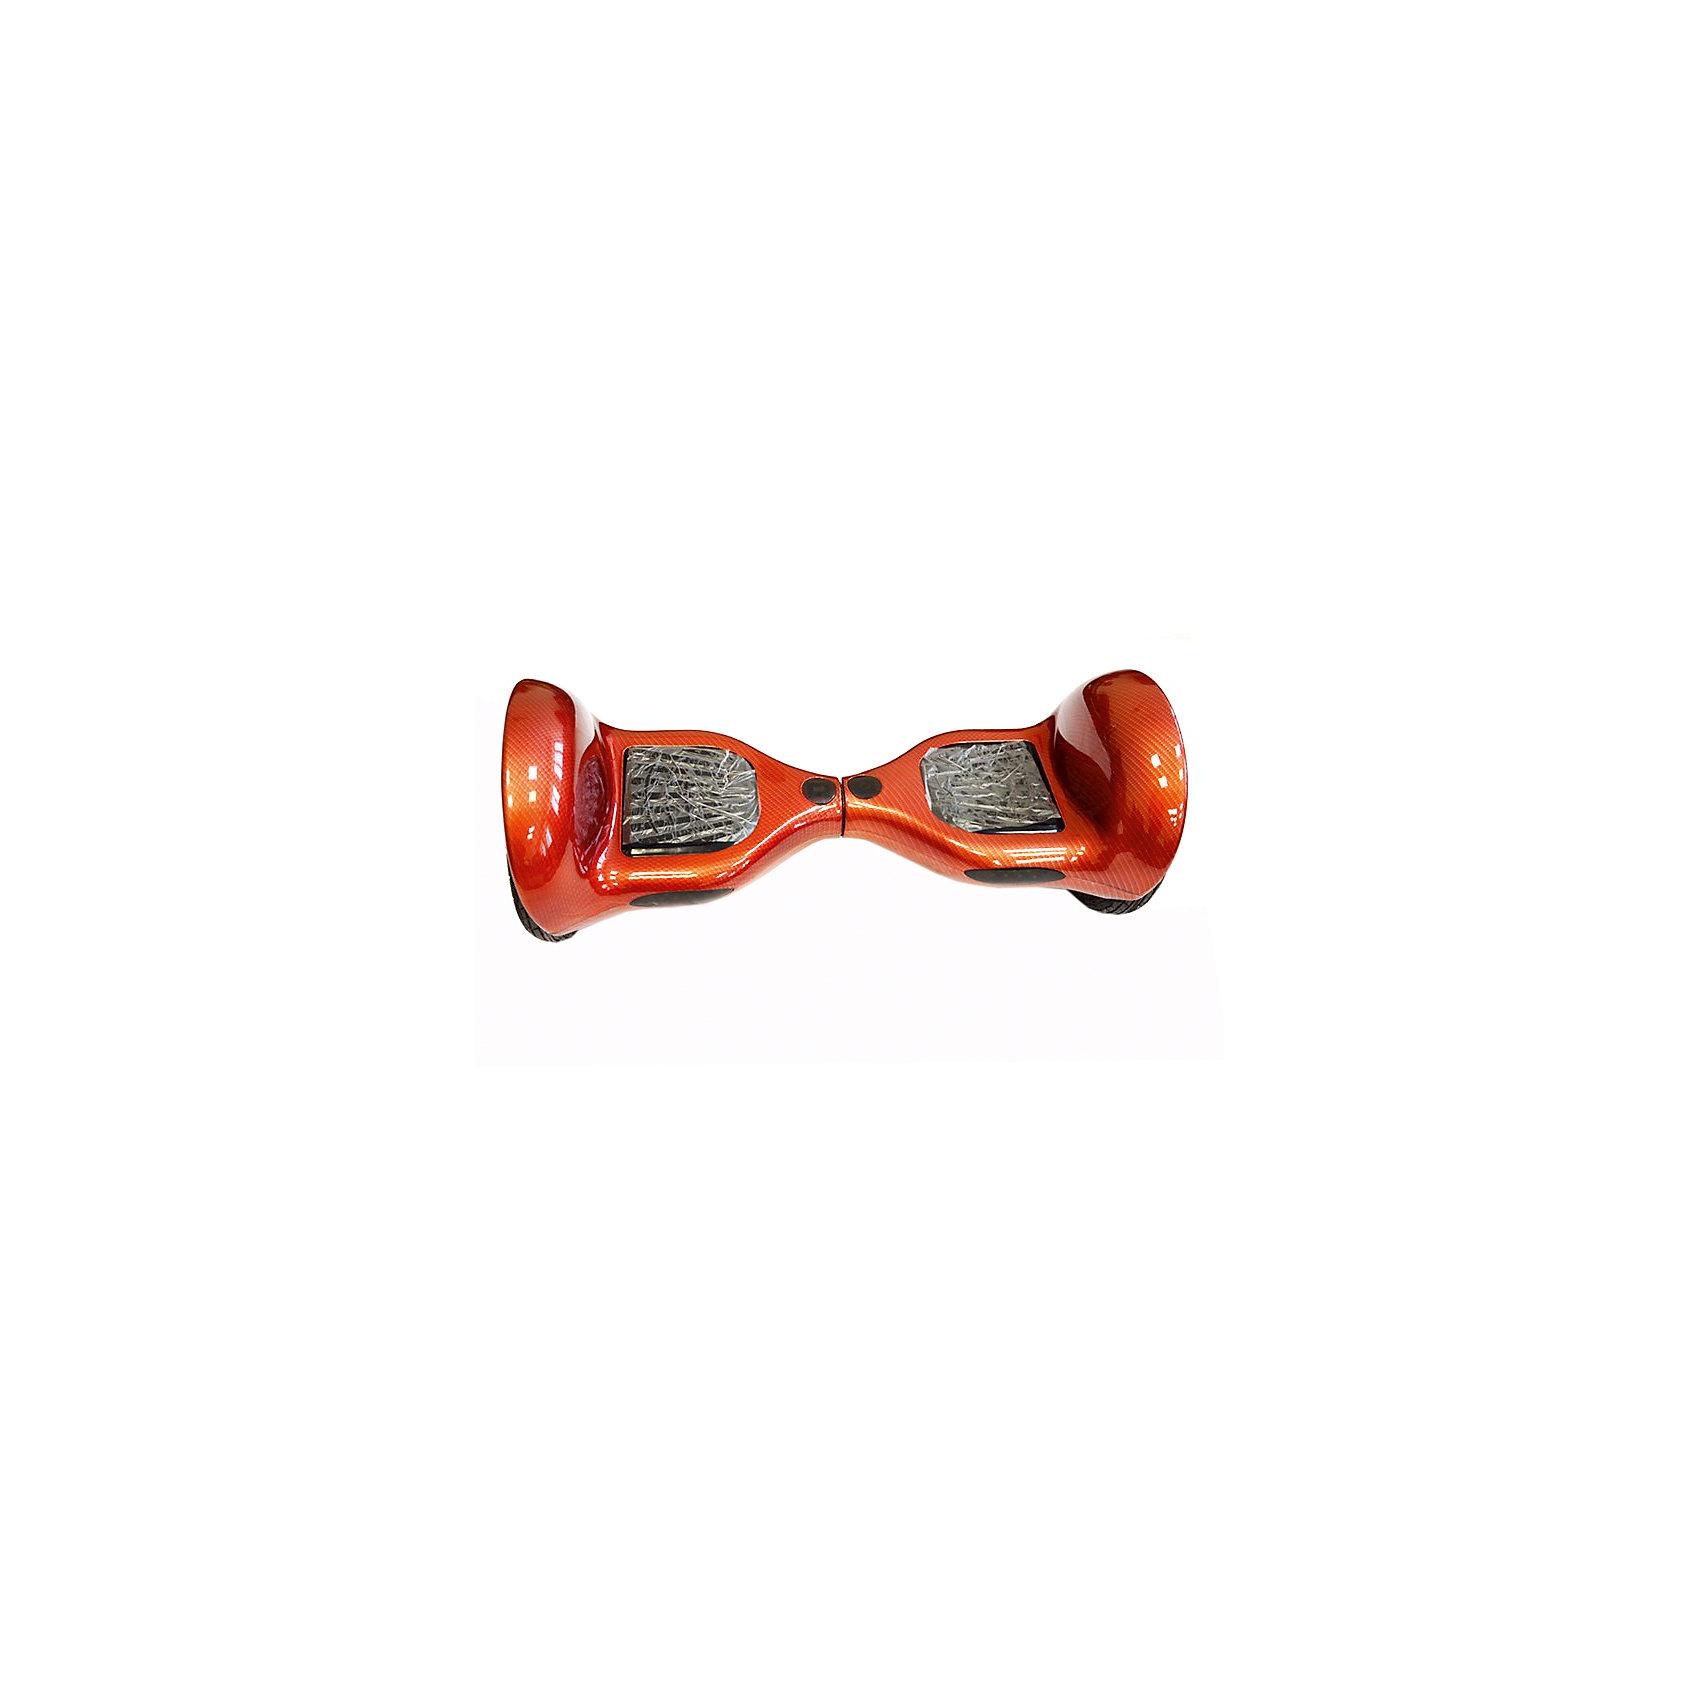 Гироскутер, красный карбон, WMOTIONГироскутеры<br>Характеристики товара:<br><br>• материал: металл<br>• размер: 66х27х27 см<br>• комплектация: гироскутер, зарядка, сумка, инструкция по эксплуатации, гарантийный талон, коробка<br>• цвет: красный<br>• диаметр колёс: 10 дюймов<br>• максимальная нагрузка: 125 кг<br>• максимальная скорость – 12 км/ч <br>• максимальное расстояние, которое можно проехать на одном заряде: до 25 км <br>• мощность электродвигателя: 350 Вт<br>• ёмкость аккумулятора: 4 400 мАч<br>• время, необходимое для полной зарядки аккумулятора: до 1,5 ч<br>• встроенная колонка<br>• вес: 15 кг<br>• страна производитель: Китай<br>• страна бренда: Китай<br><br>Один из самых модных на настоящий моментов вид передвижения - это гироскутер. Он эффектно выглядит, позволяет ехать со скоростью выше, чем у пешеходов, но при этом достаточно безопасной для владельца. Управлять таким средством передвижения достаточно просто: нужно всего лишь переносить вес тела в определенное направление.<br><br>Такой гироскутер достаточно быстро заряжается, он не много весит. Модель уже пользуется популярностью в западных странах. Она действительно стильно выглядит, особенно в темноте с подсветкой, и позволяет выполнять эффектные трюки! Эта модель также имеет встроенные колонки, с помощью которых можно слушать музыку.<br><br>Гироскутер, красный карбон, от популярного бренда WMOTION можно купить в нашем интернет-магазине.<br><br>Ширина мм: 270<br>Глубина мм: 270<br>Высота мм: 660<br>Вес г: 12000<br>Возраст от месяцев: 60<br>Возраст до месяцев: 192<br>Пол: Унисекс<br>Возраст: Детский<br>SKU: 5482388